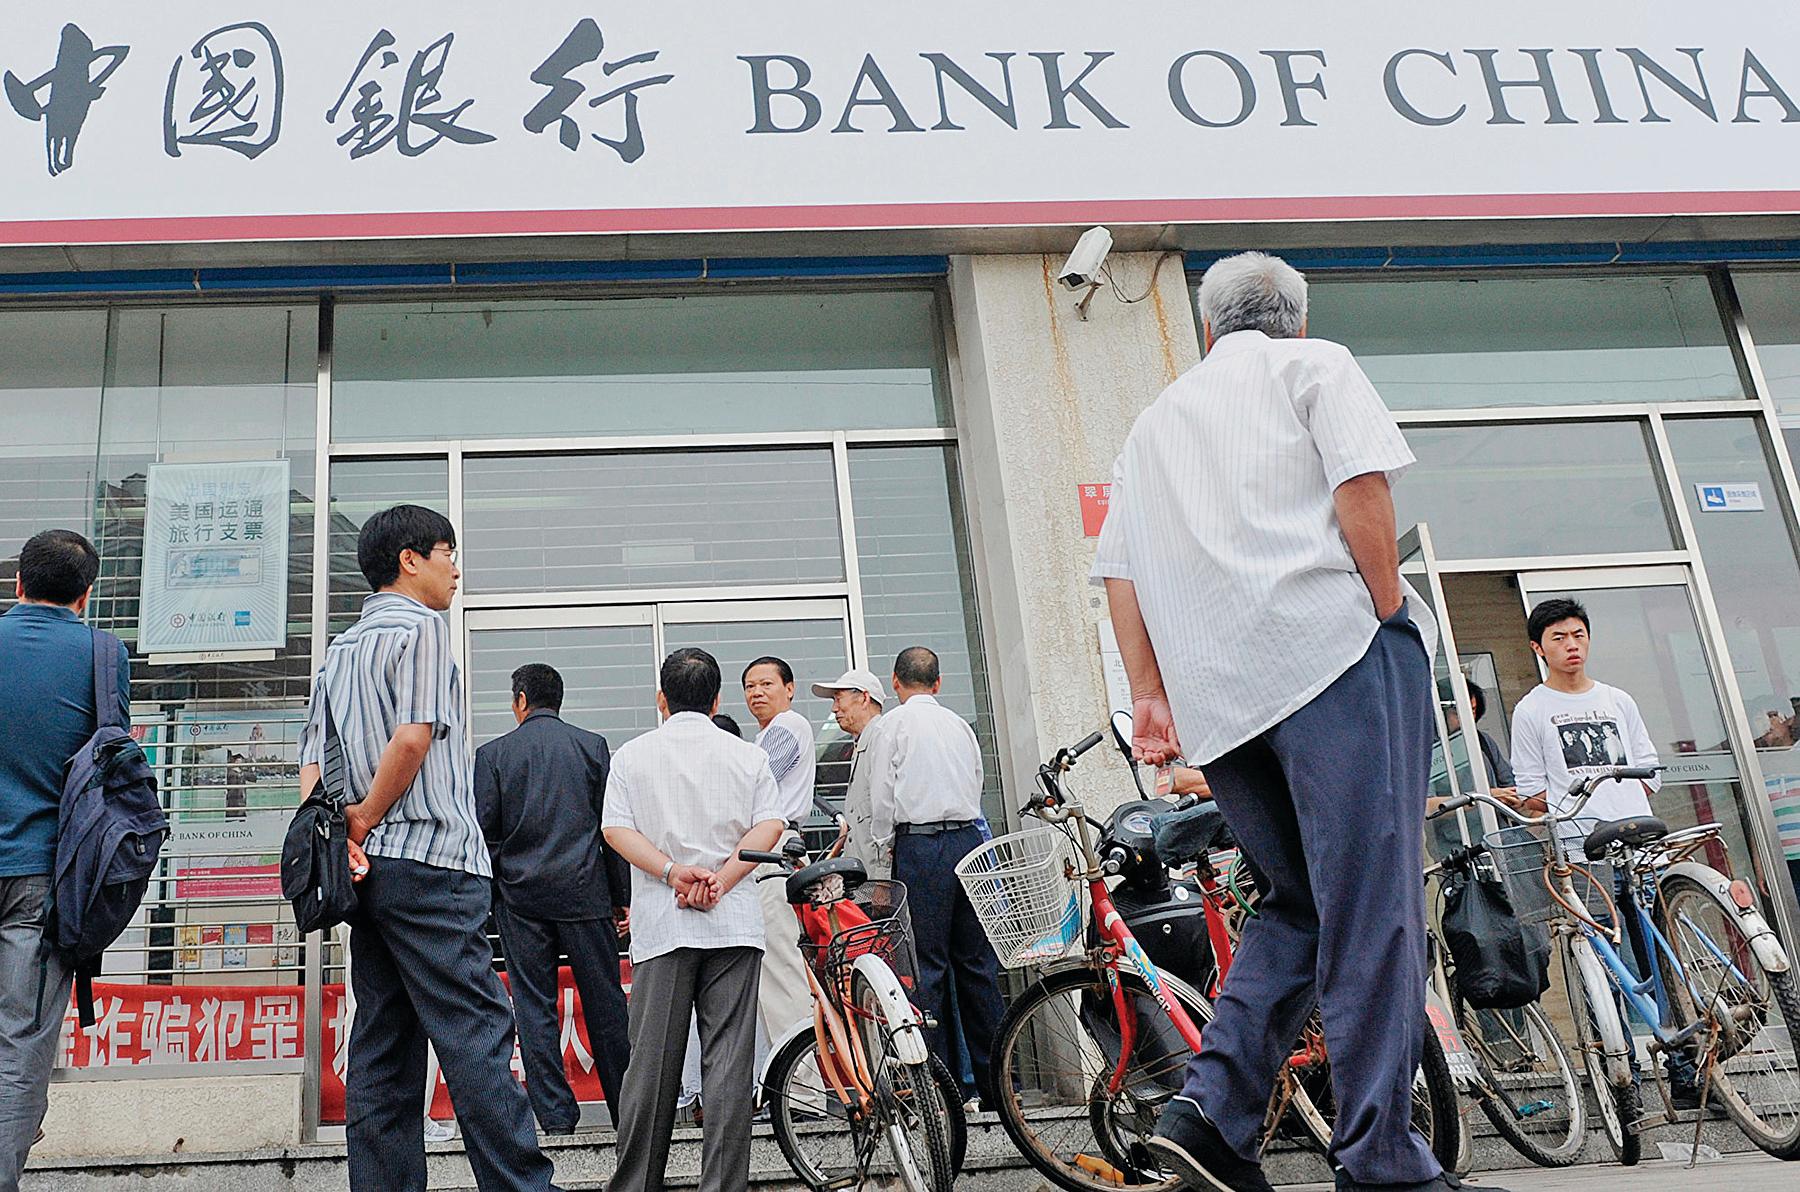 國際石油期貨震盪令中國銀行原油寶投資者,一夜間背負巨額虧損。圖為 2010 年人們在中國銀行門外排隊。(AFP)